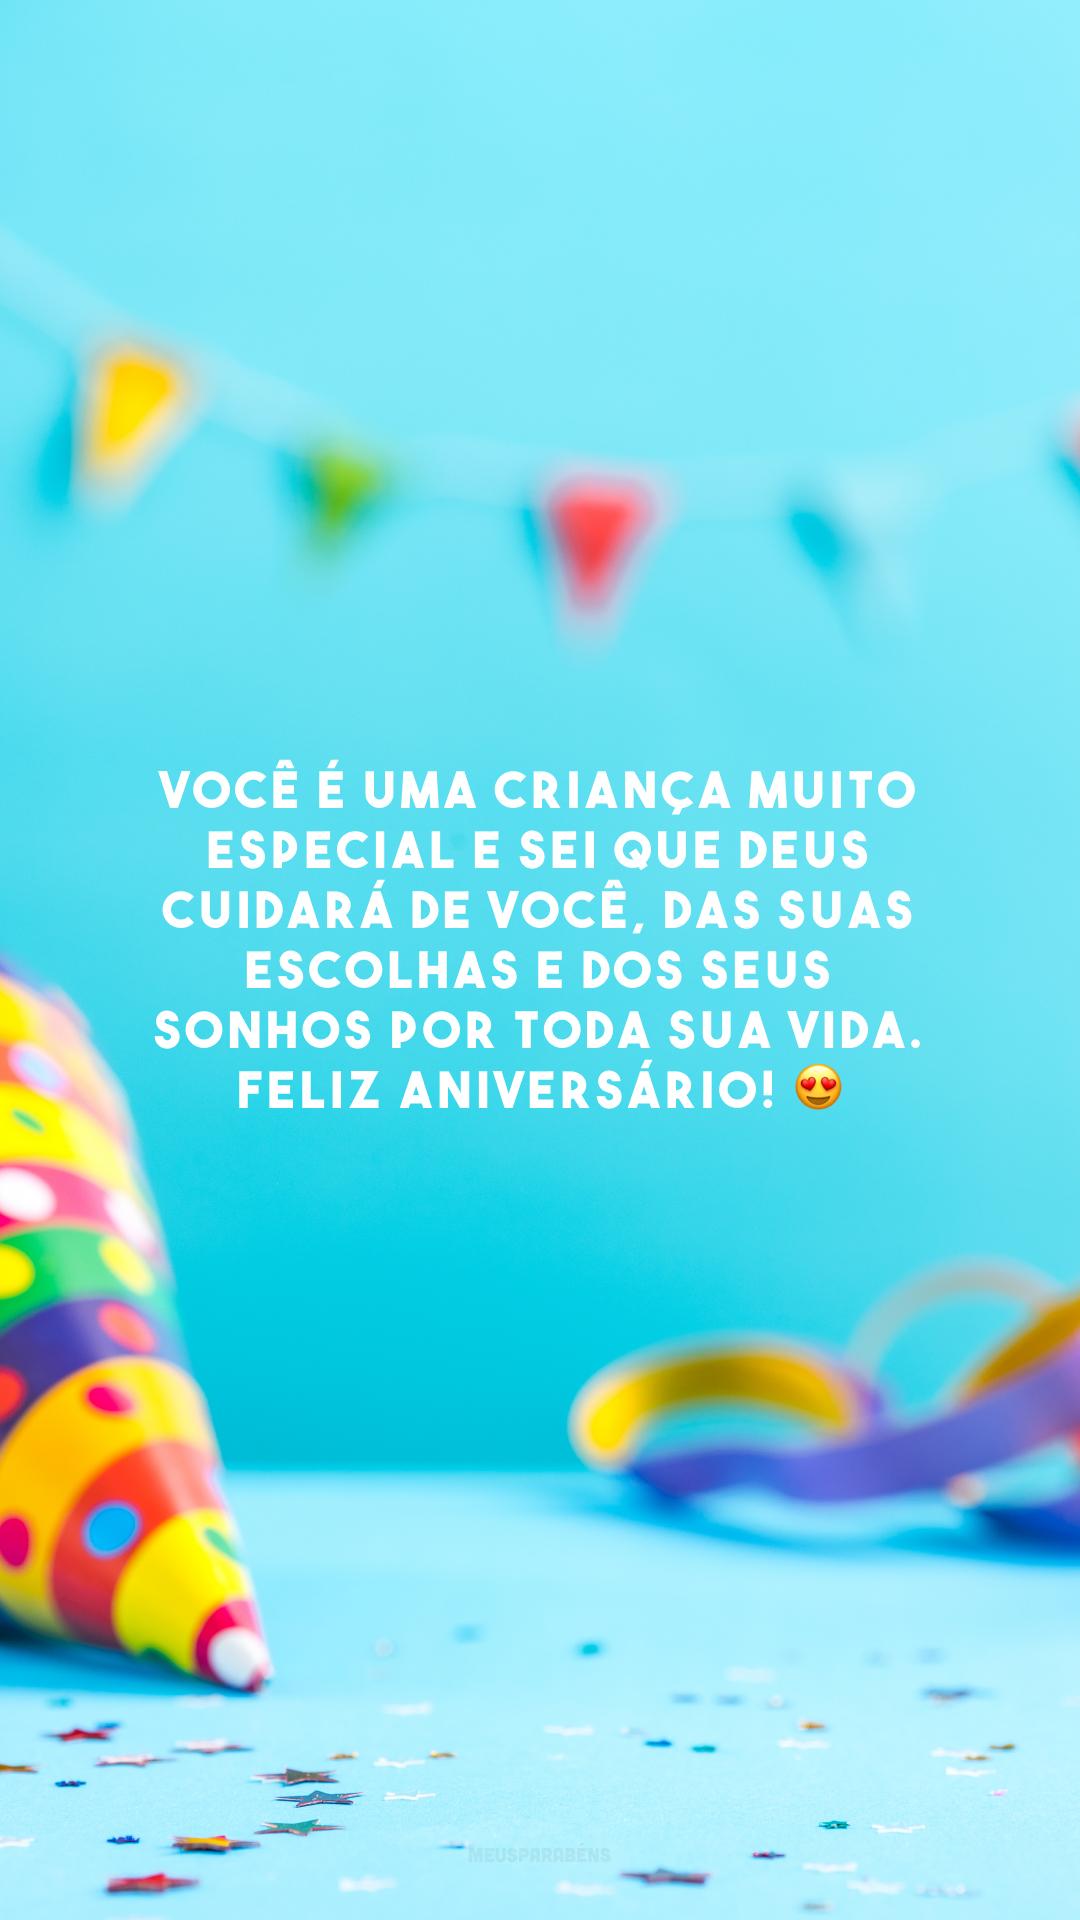 Você é uma criança muito especial e sei que Deus cuidará de você, das suas escolhas e dos seus sonhos por toda sua vida. Feliz aniversário! 😍